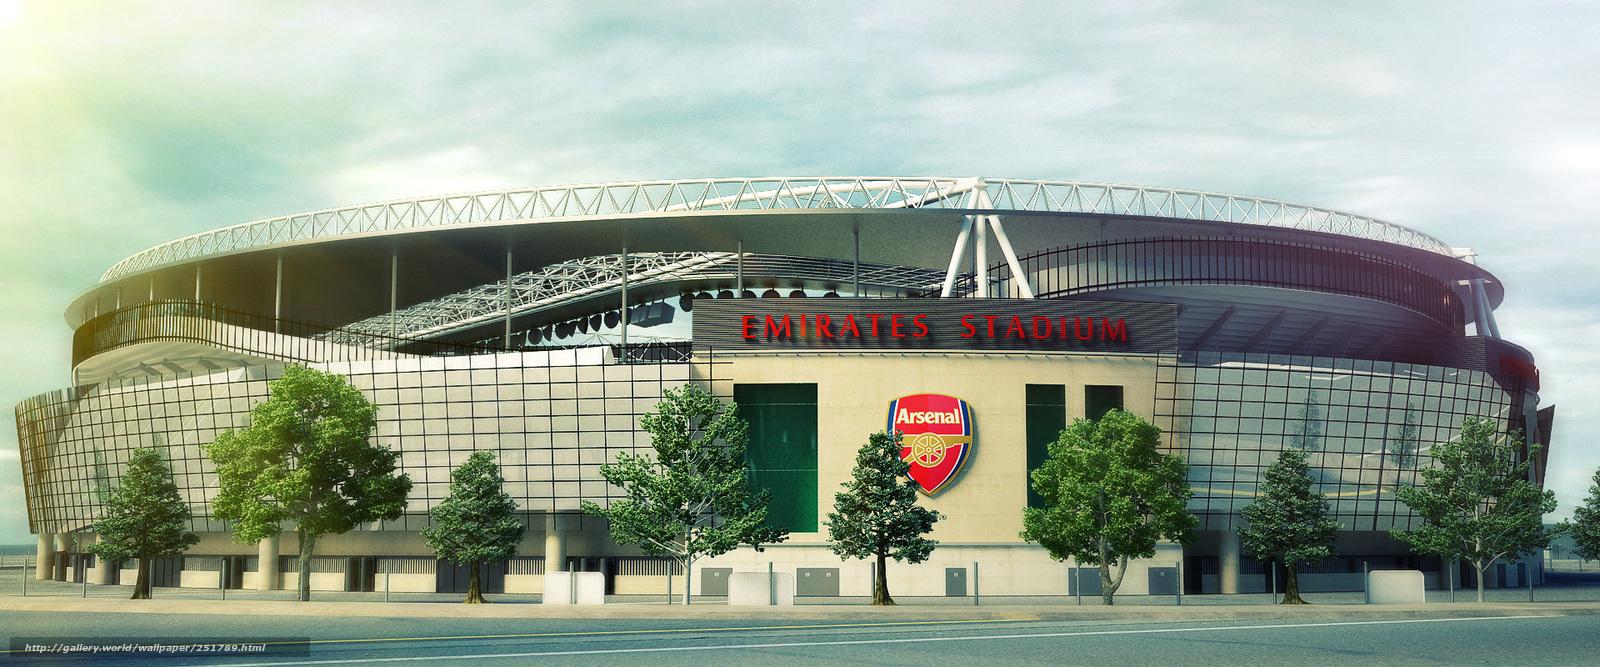 wallpaper Emirates Stadium Arsenal London desktop wallpaper 1600x667